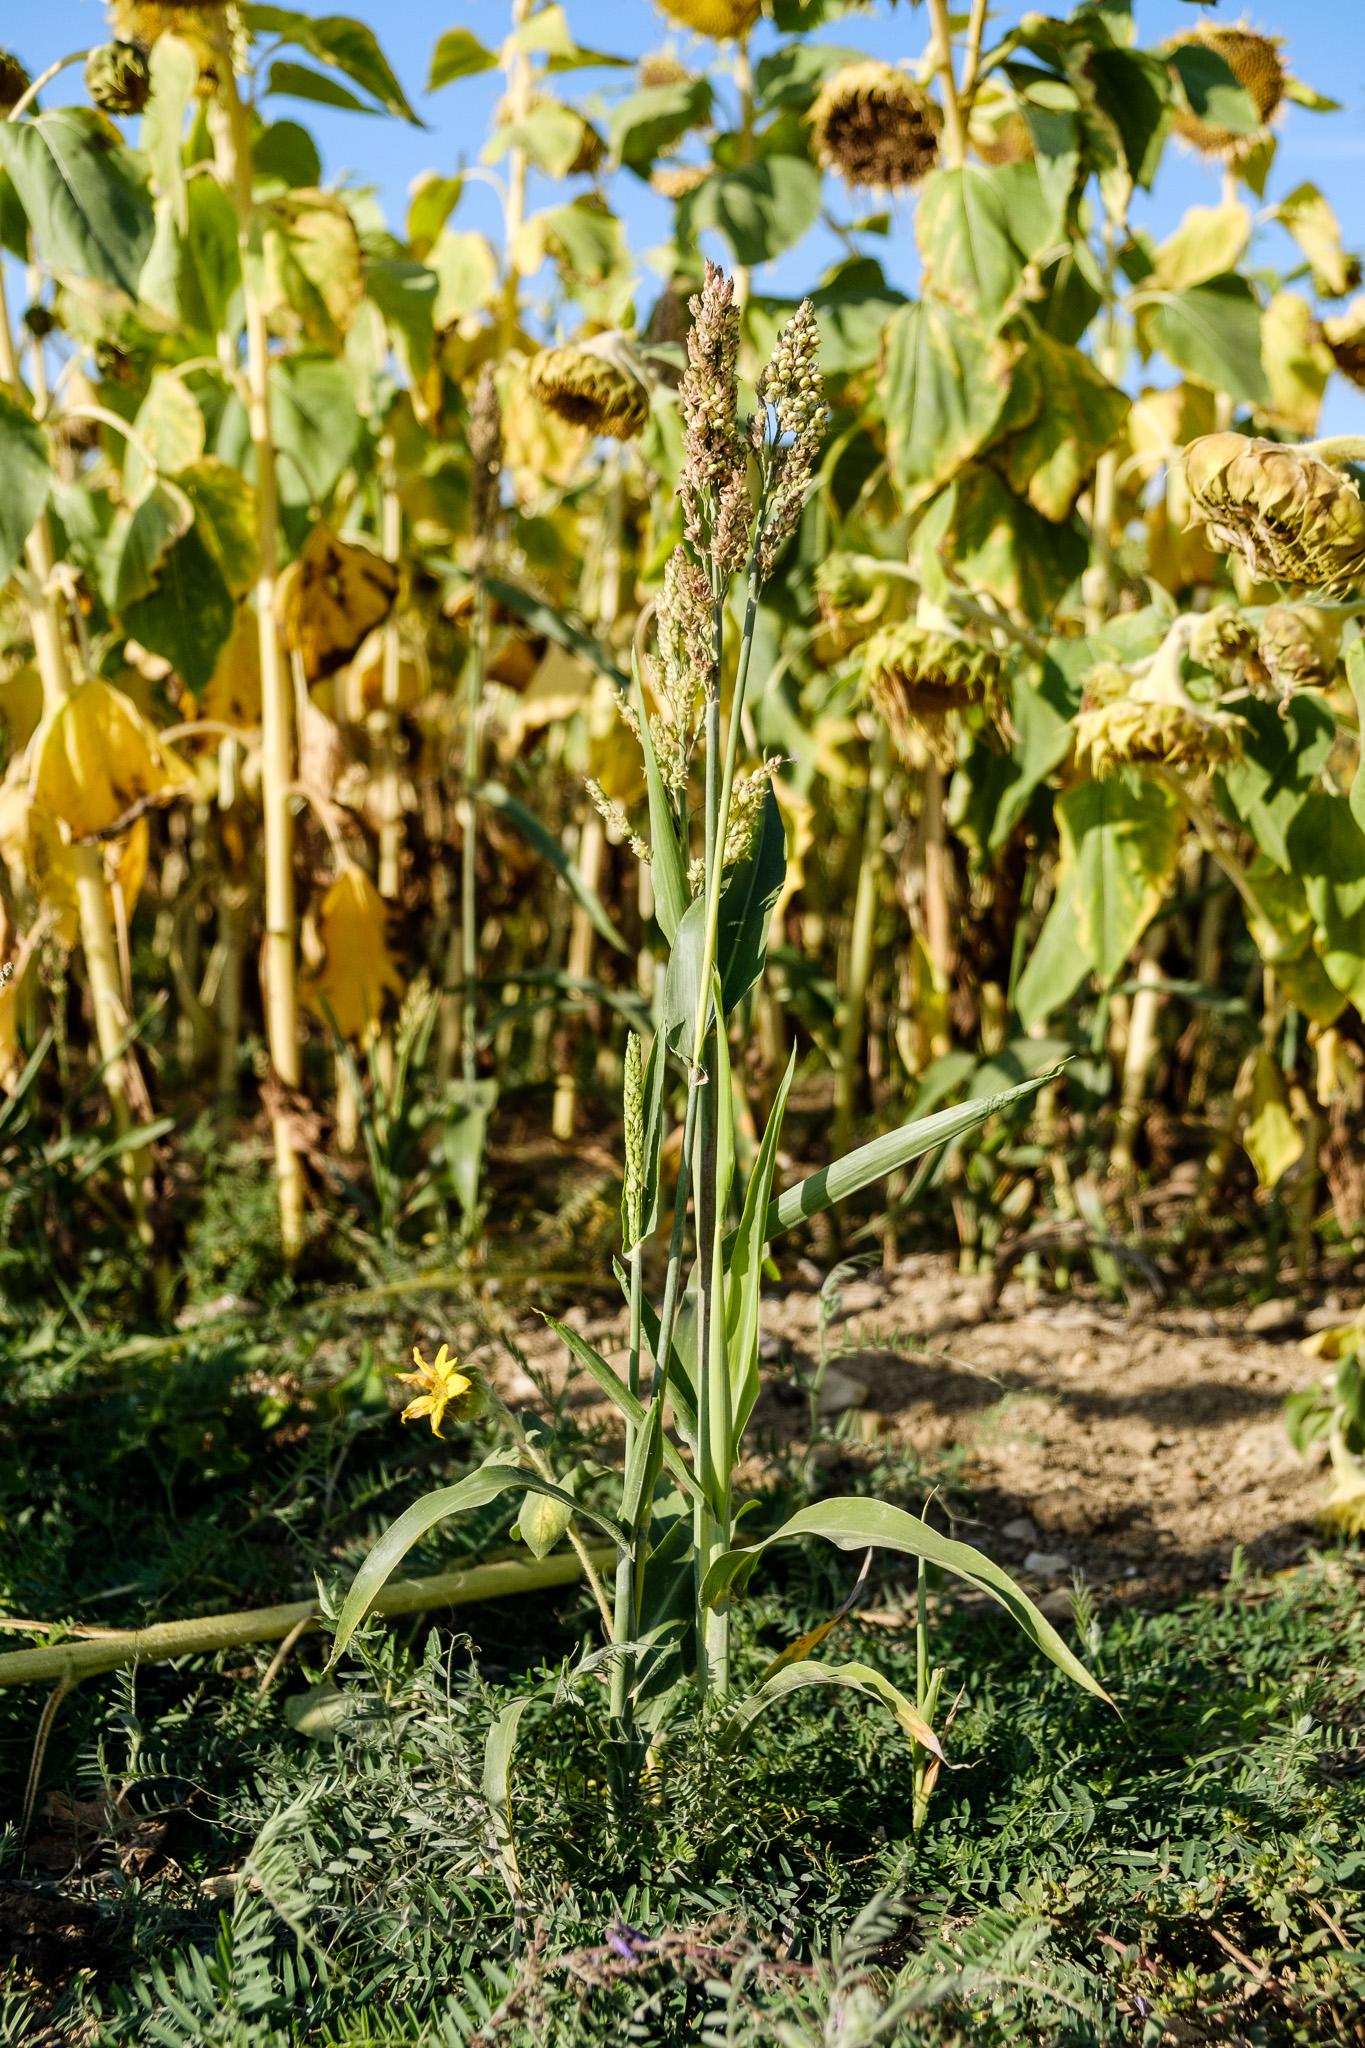 Bienvenue les vers de terre, l'agriculture de conservation et la régénération des sols